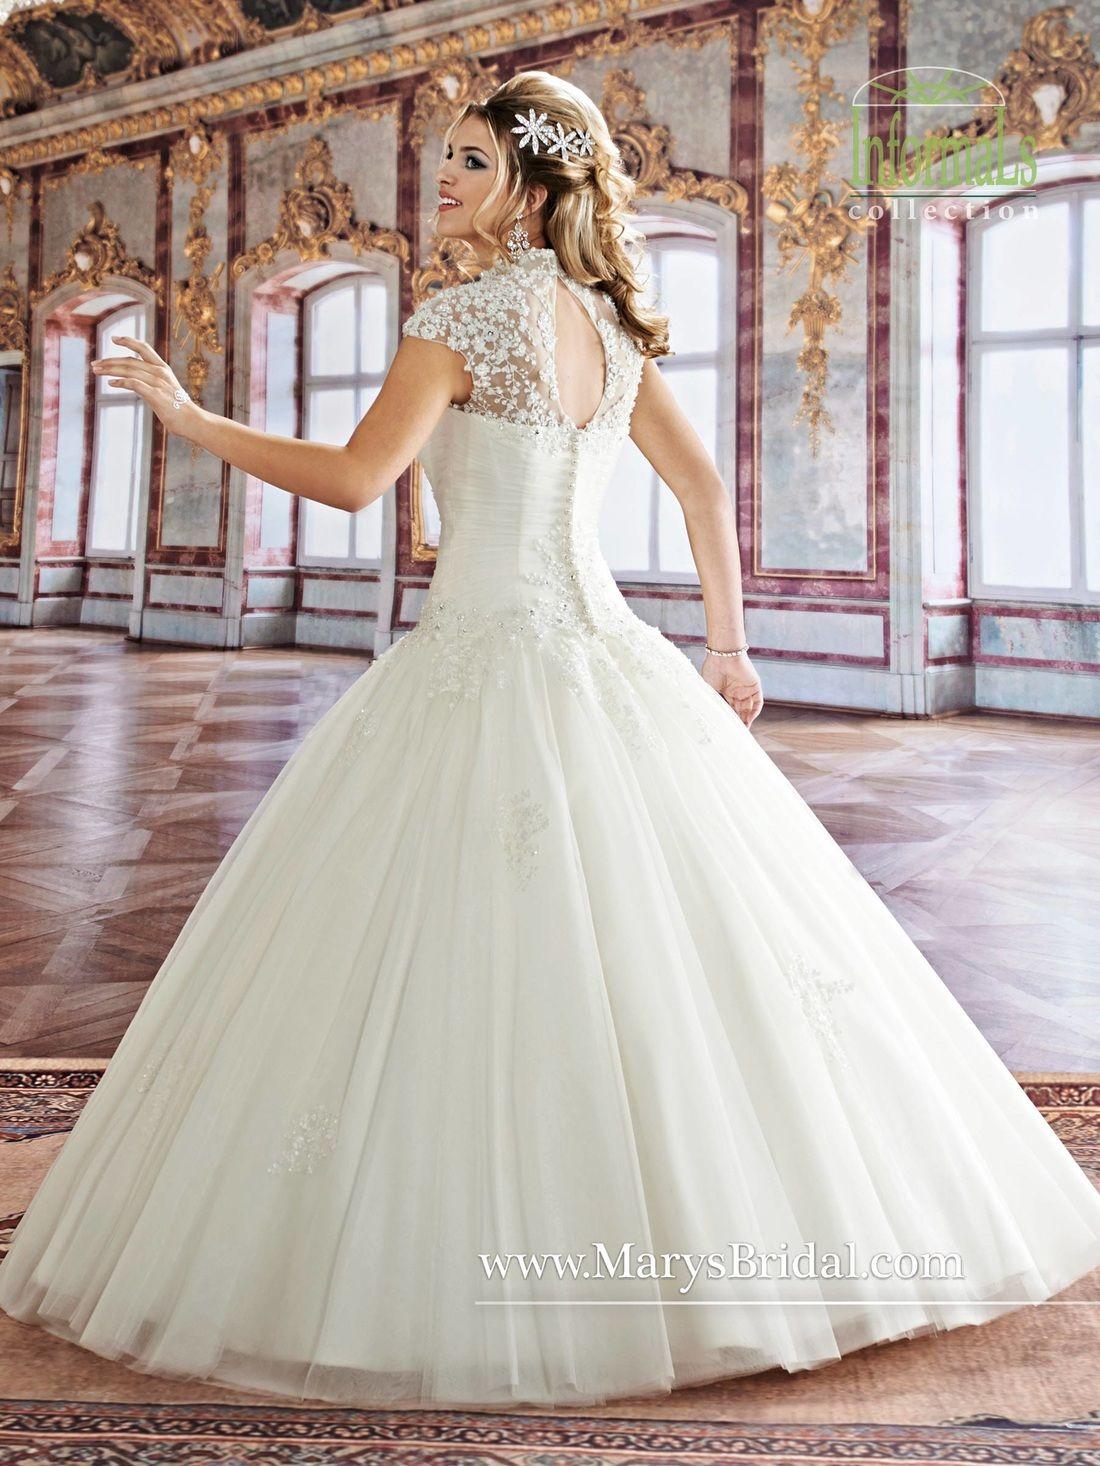 Wedding Dresses Under 400 Informal Wedding Dresses For Older Brides Check More At Http Svesty C Wedding Dresses Cheap Wedding Dress Popular Wedding Dresses